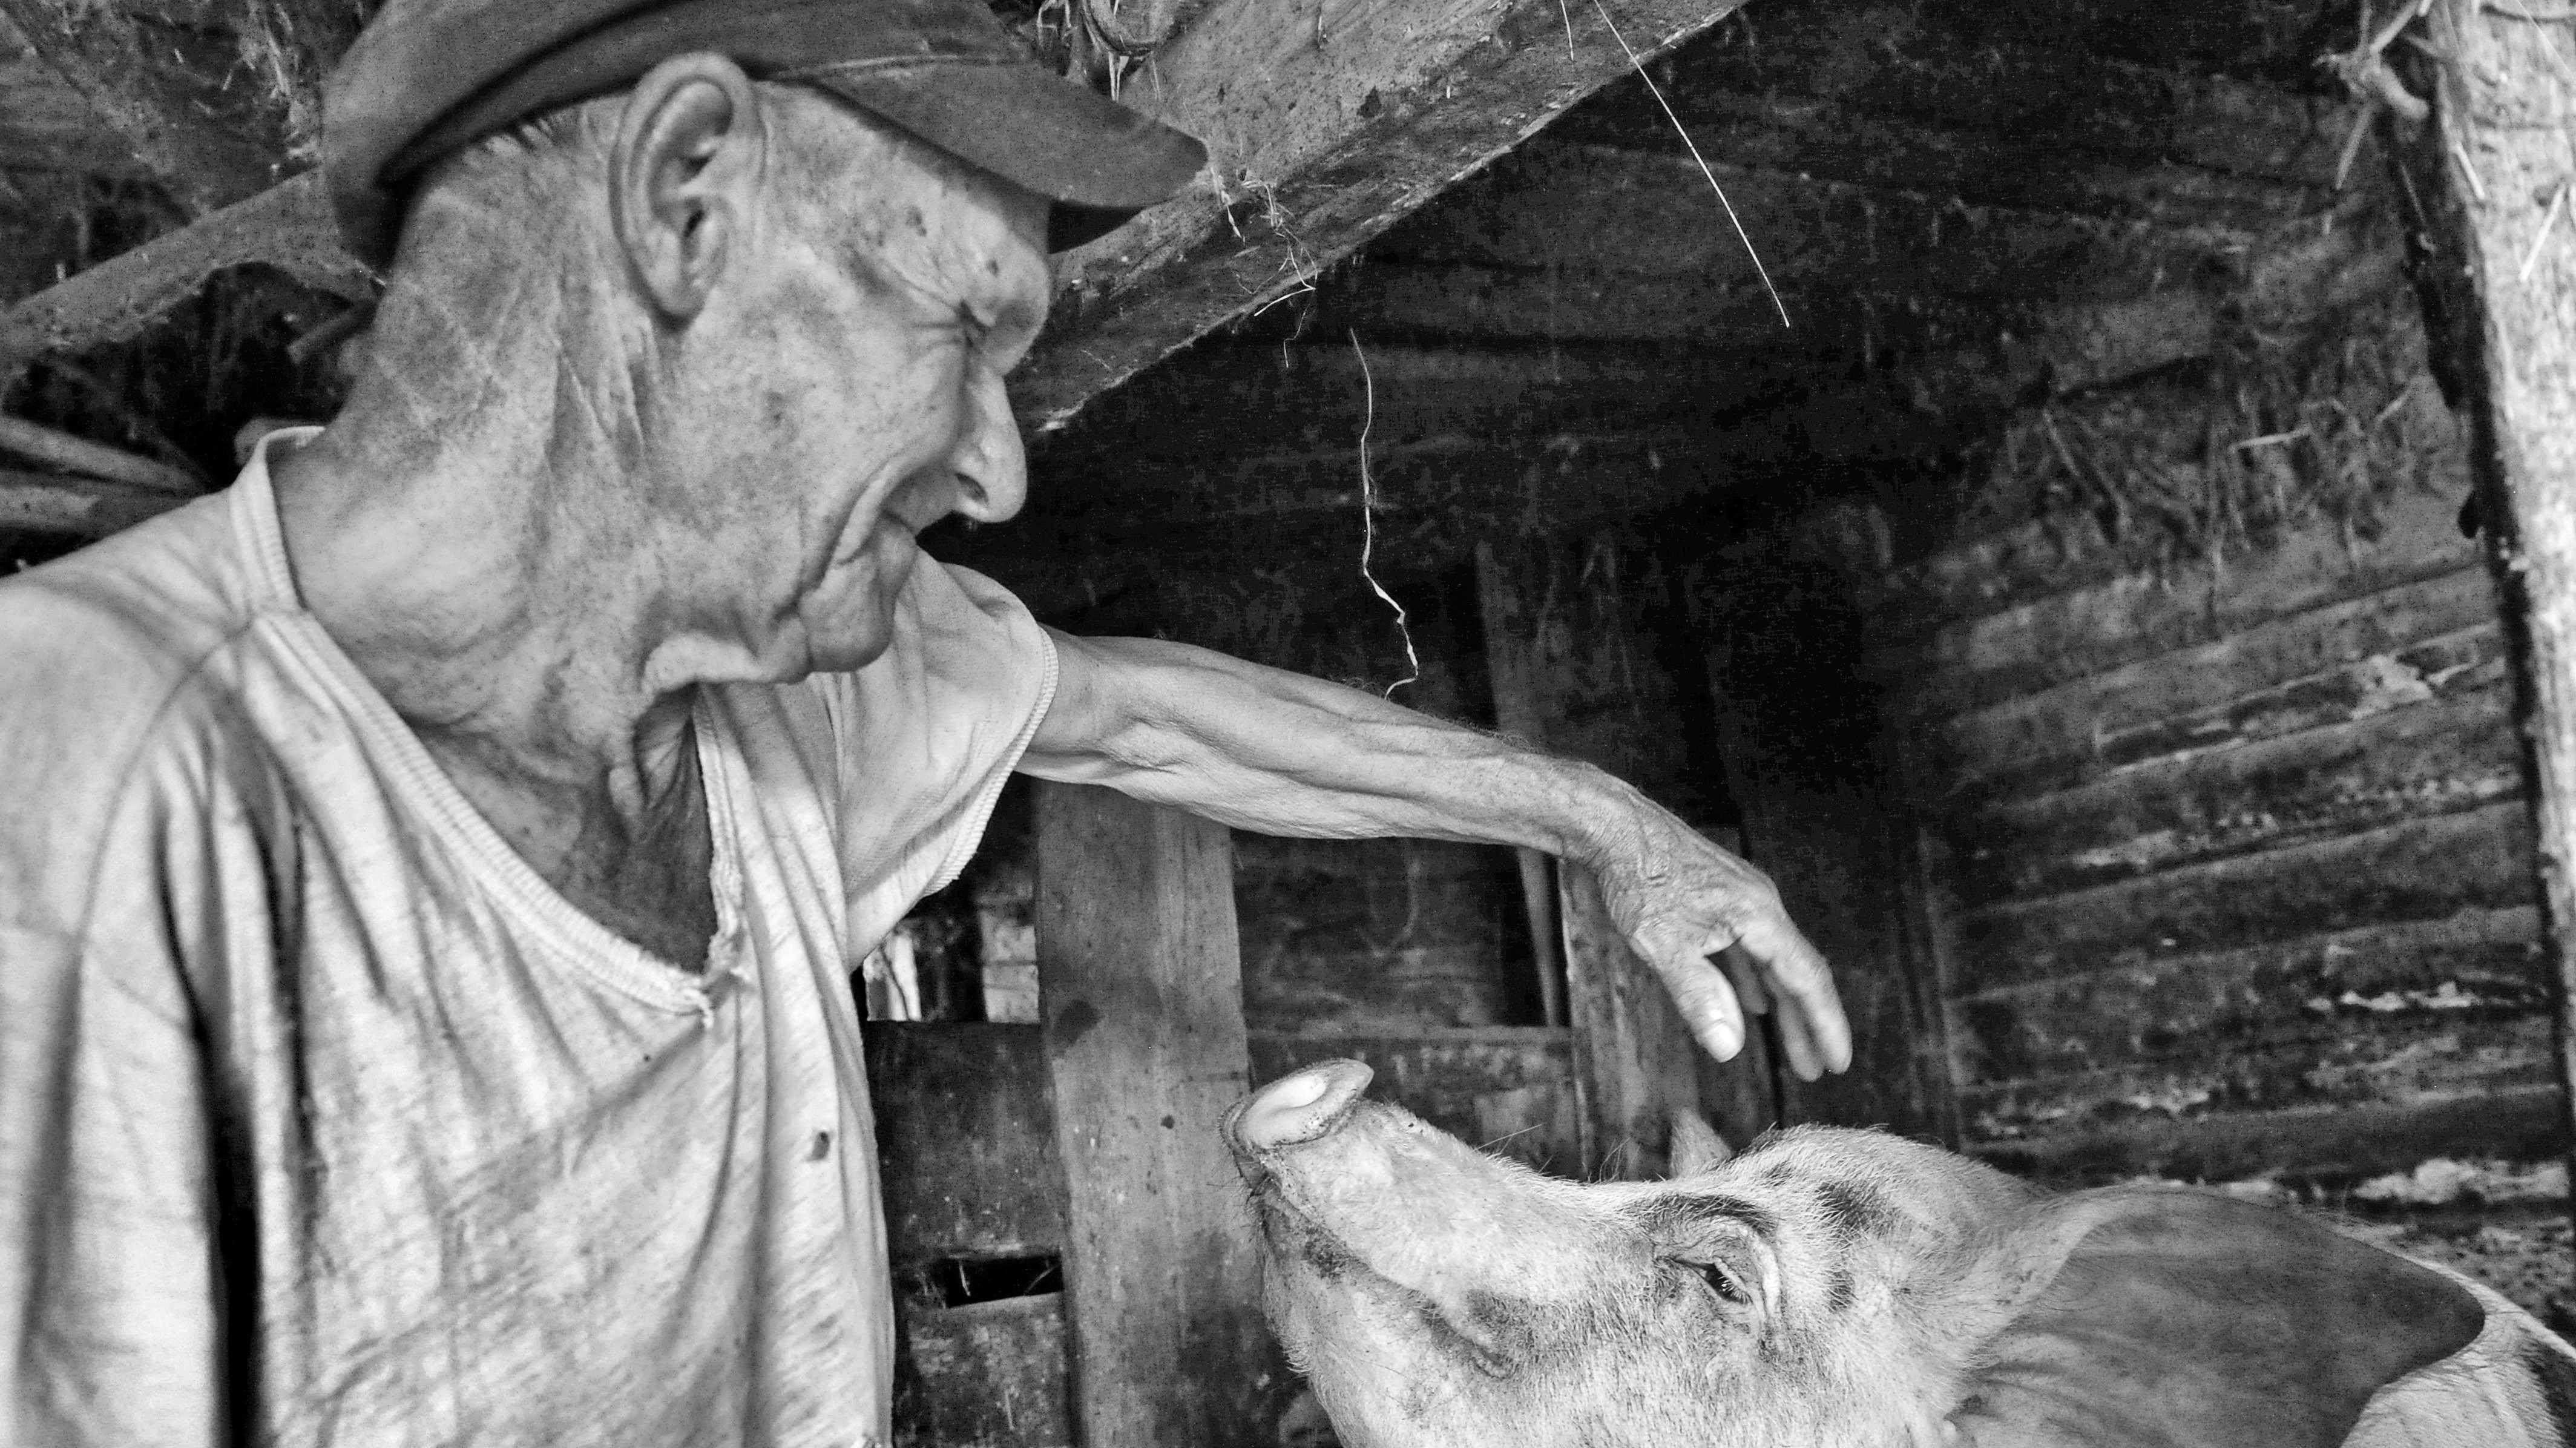 30 Jahre nach Tschernobyl: Das ganz normale Leben im Sperrgebiet